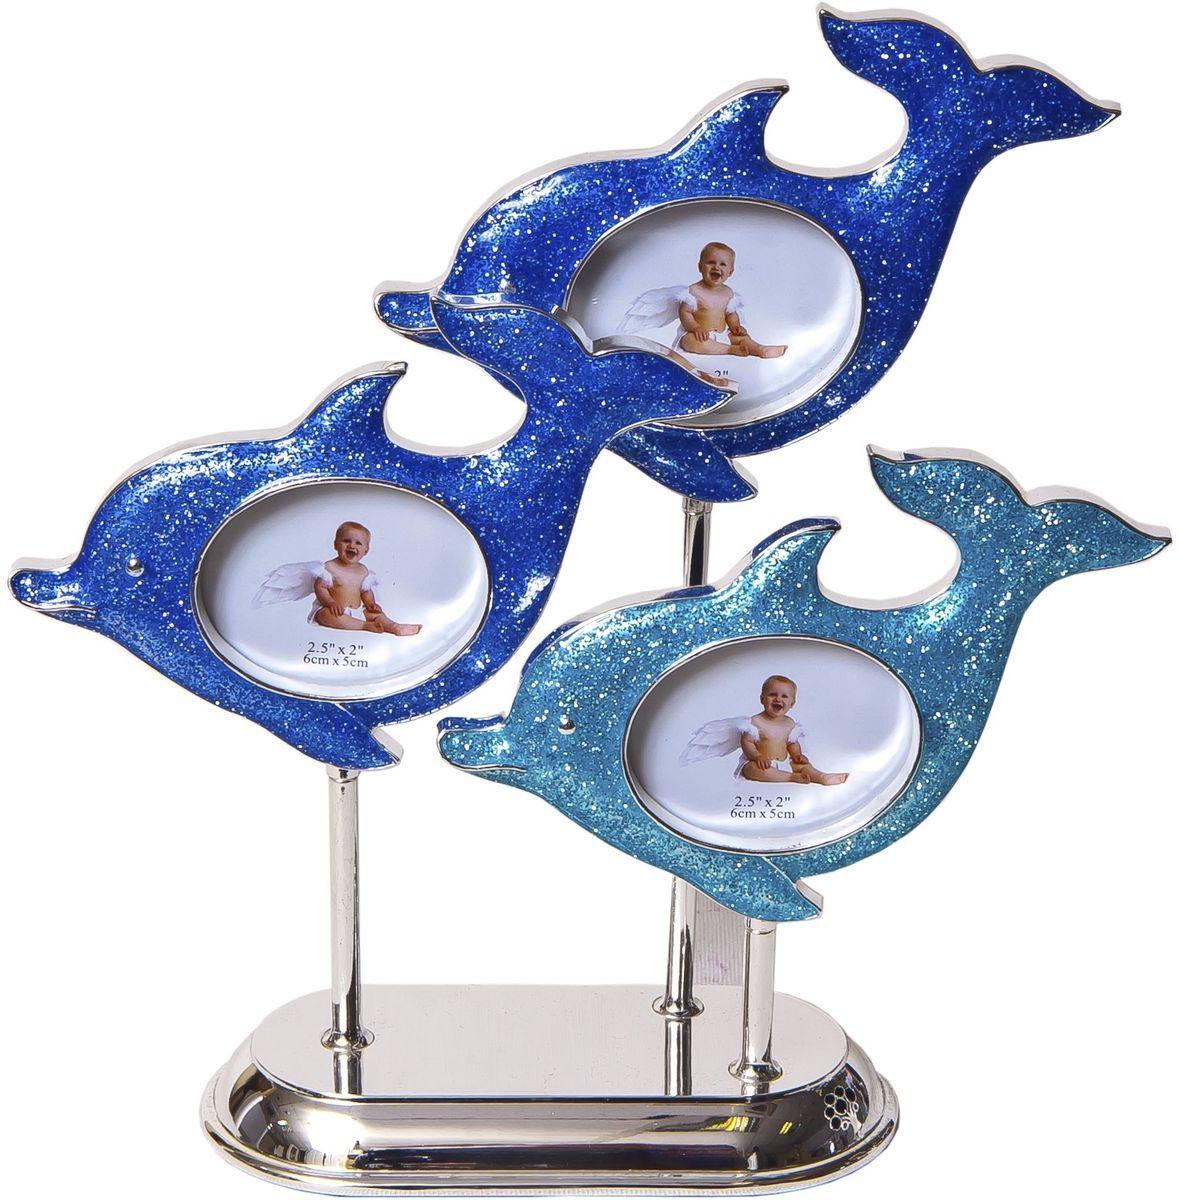 Фоторамка декоративная Platinum Дельфины, 3 фото, 6 х 5 см. PF10317PLATINUM PF10317